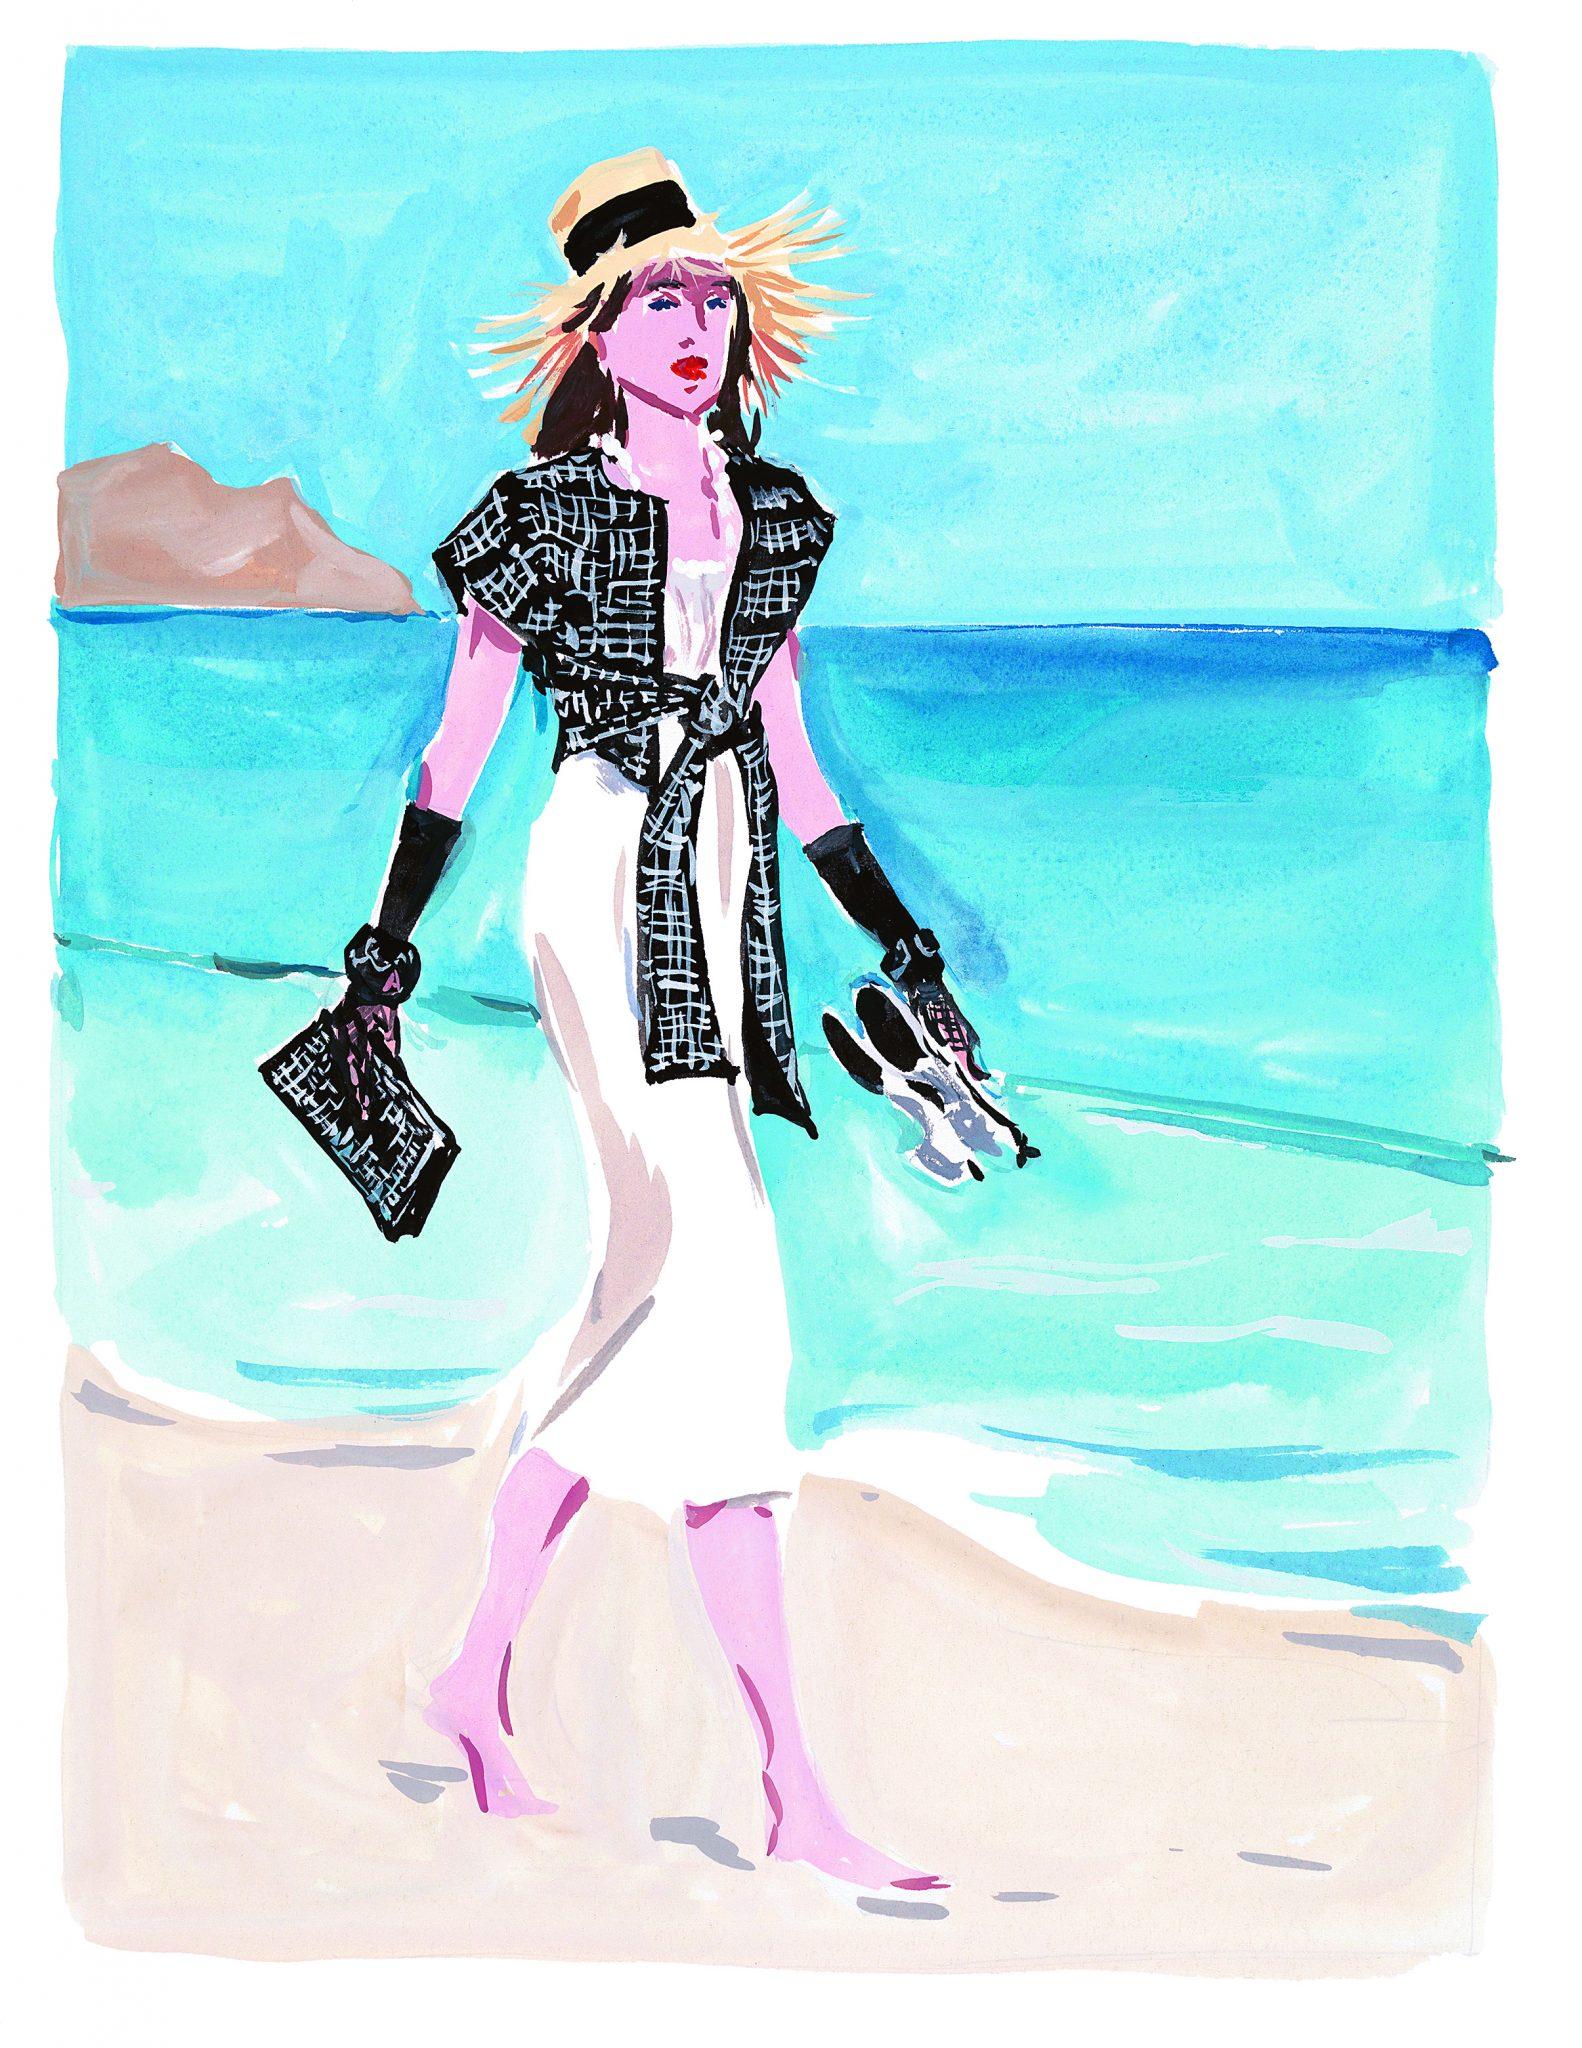 Dans les coulisses de Chanel Jean-Philippe Delhomme Esprit de Gabrielle espritdegabrielle.com